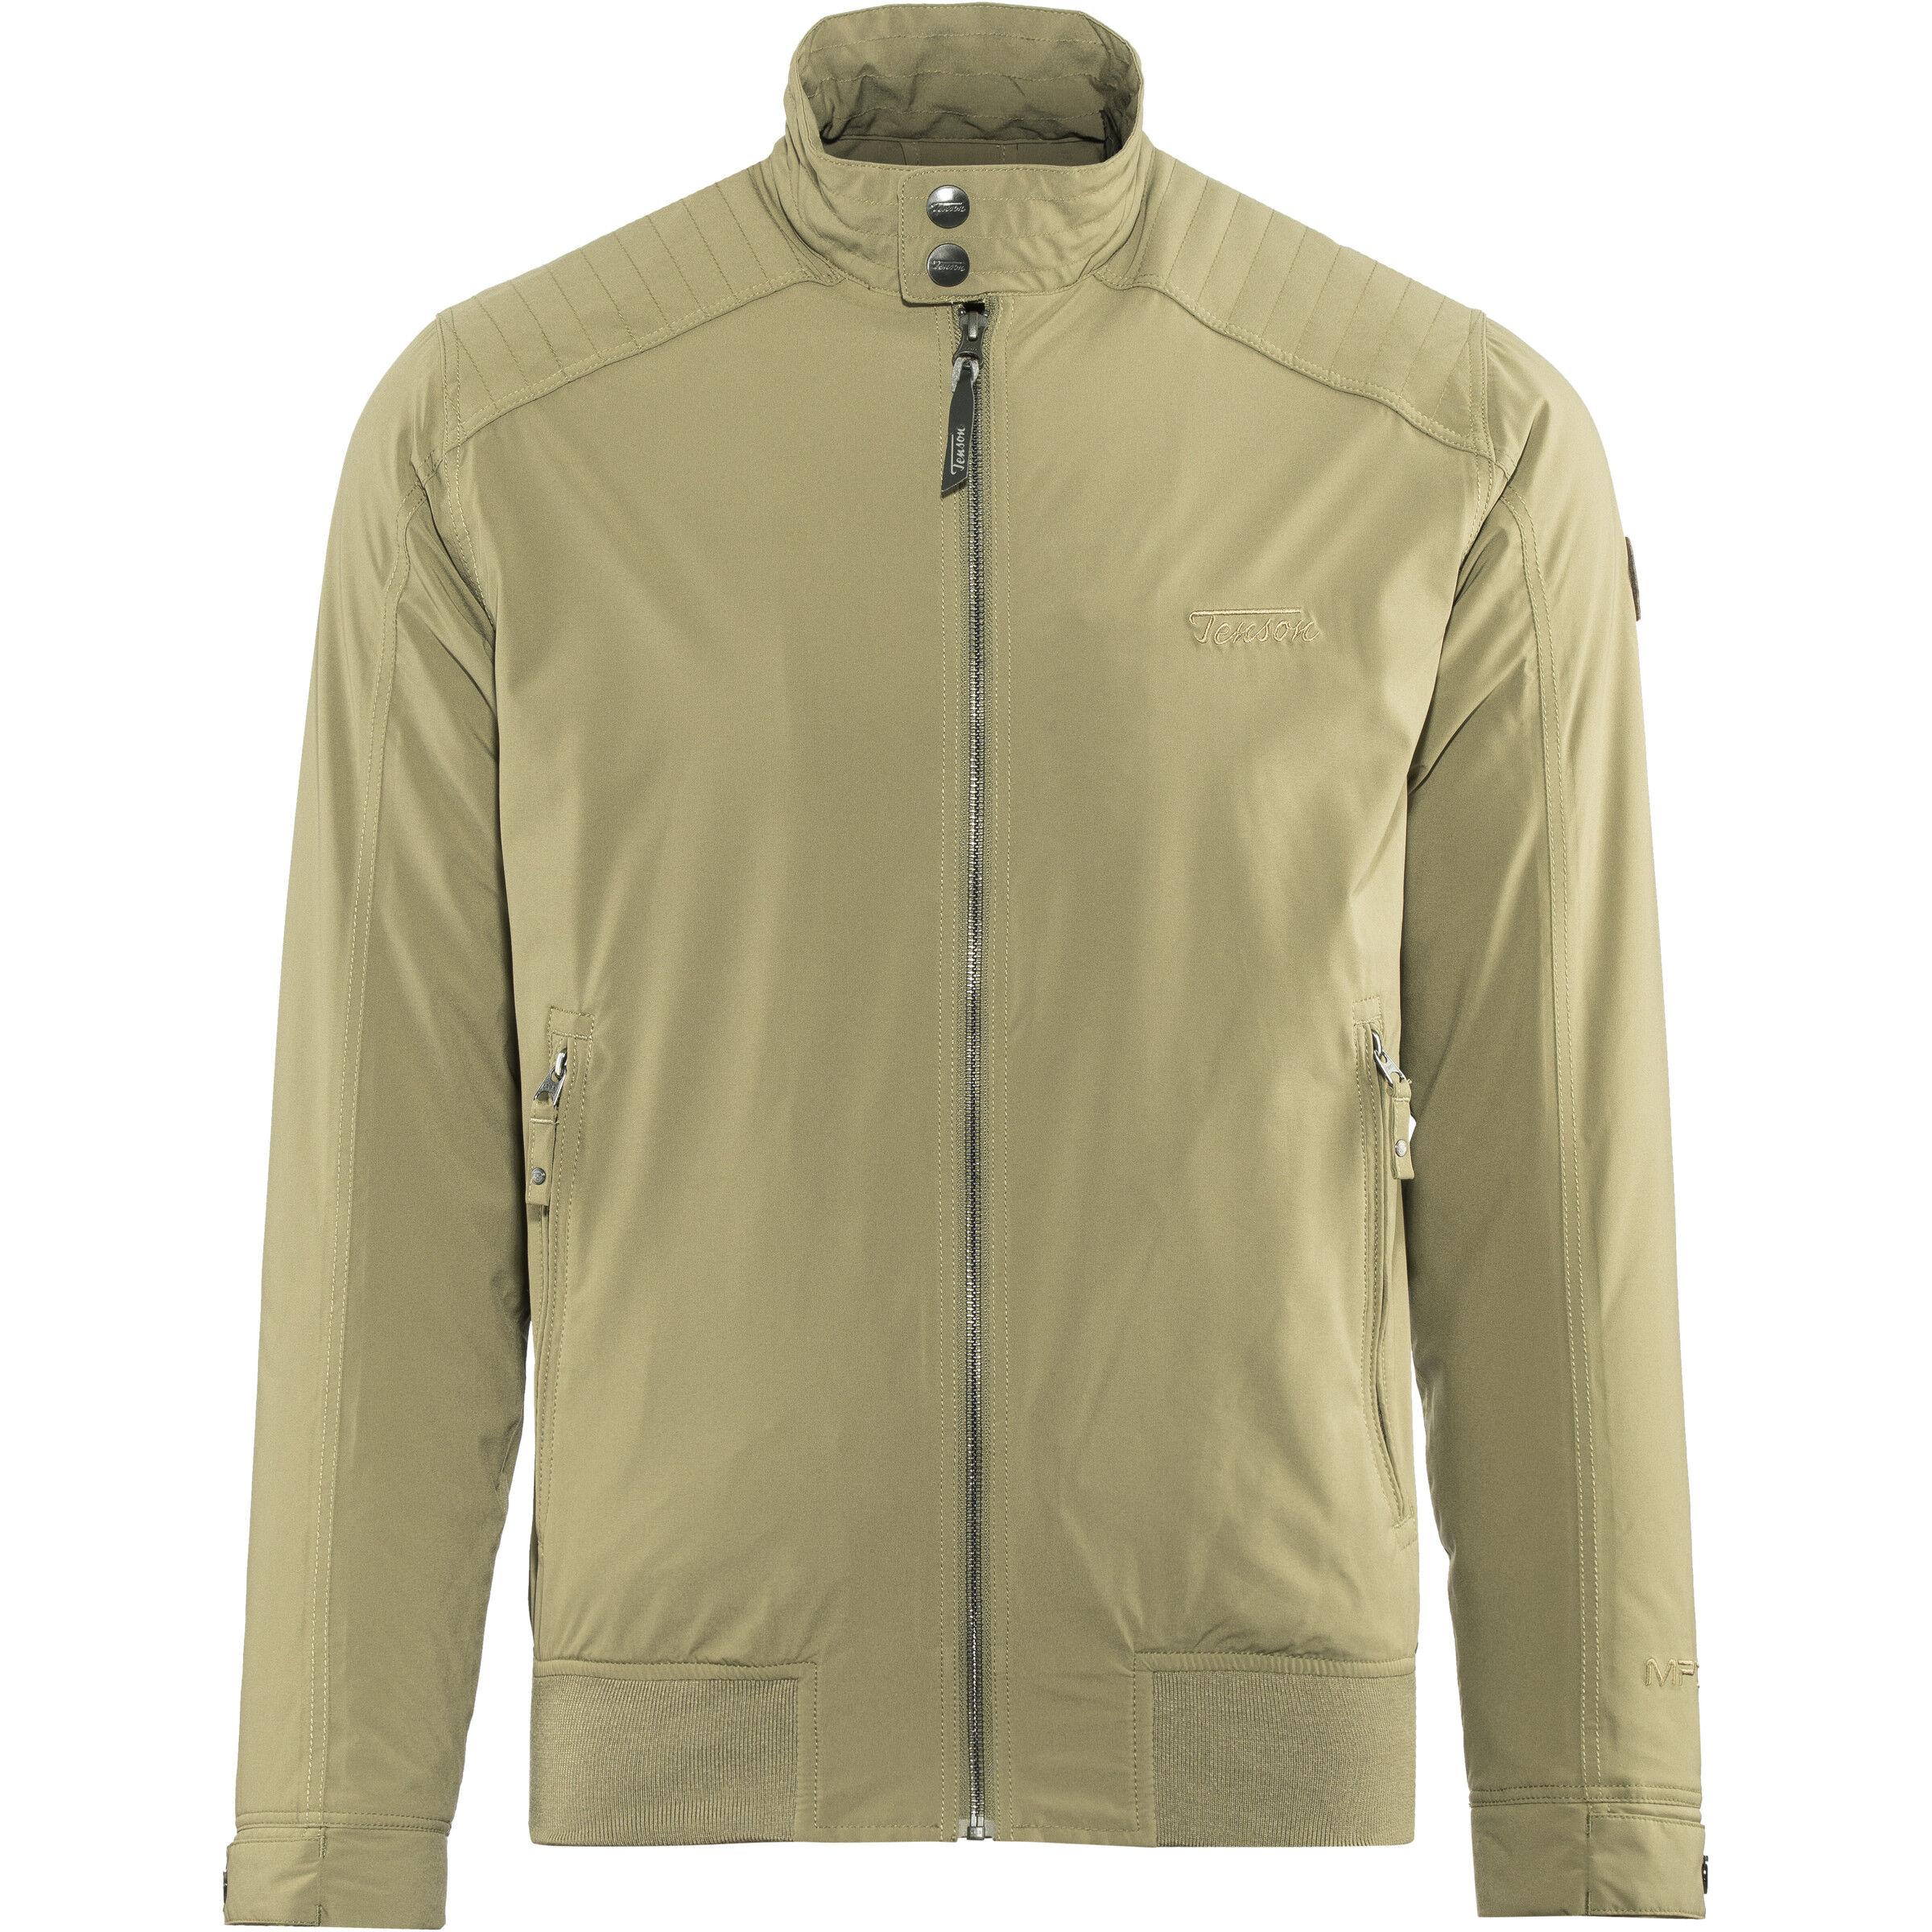 Jacket Herren Jacket khaki khaki Beckett Tenson Herren Beckett Tenson Tenson Beckett lJTFK1c